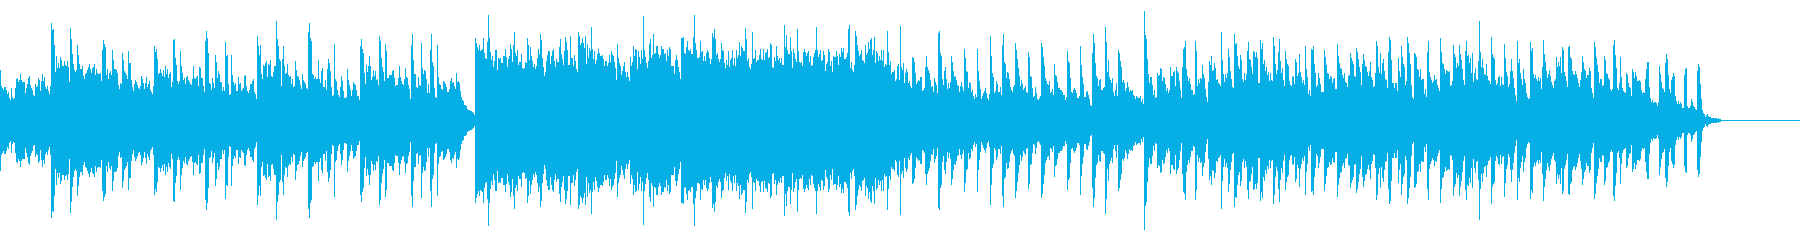 鈴の音が爽やかな印象の曲の再生済みの波形